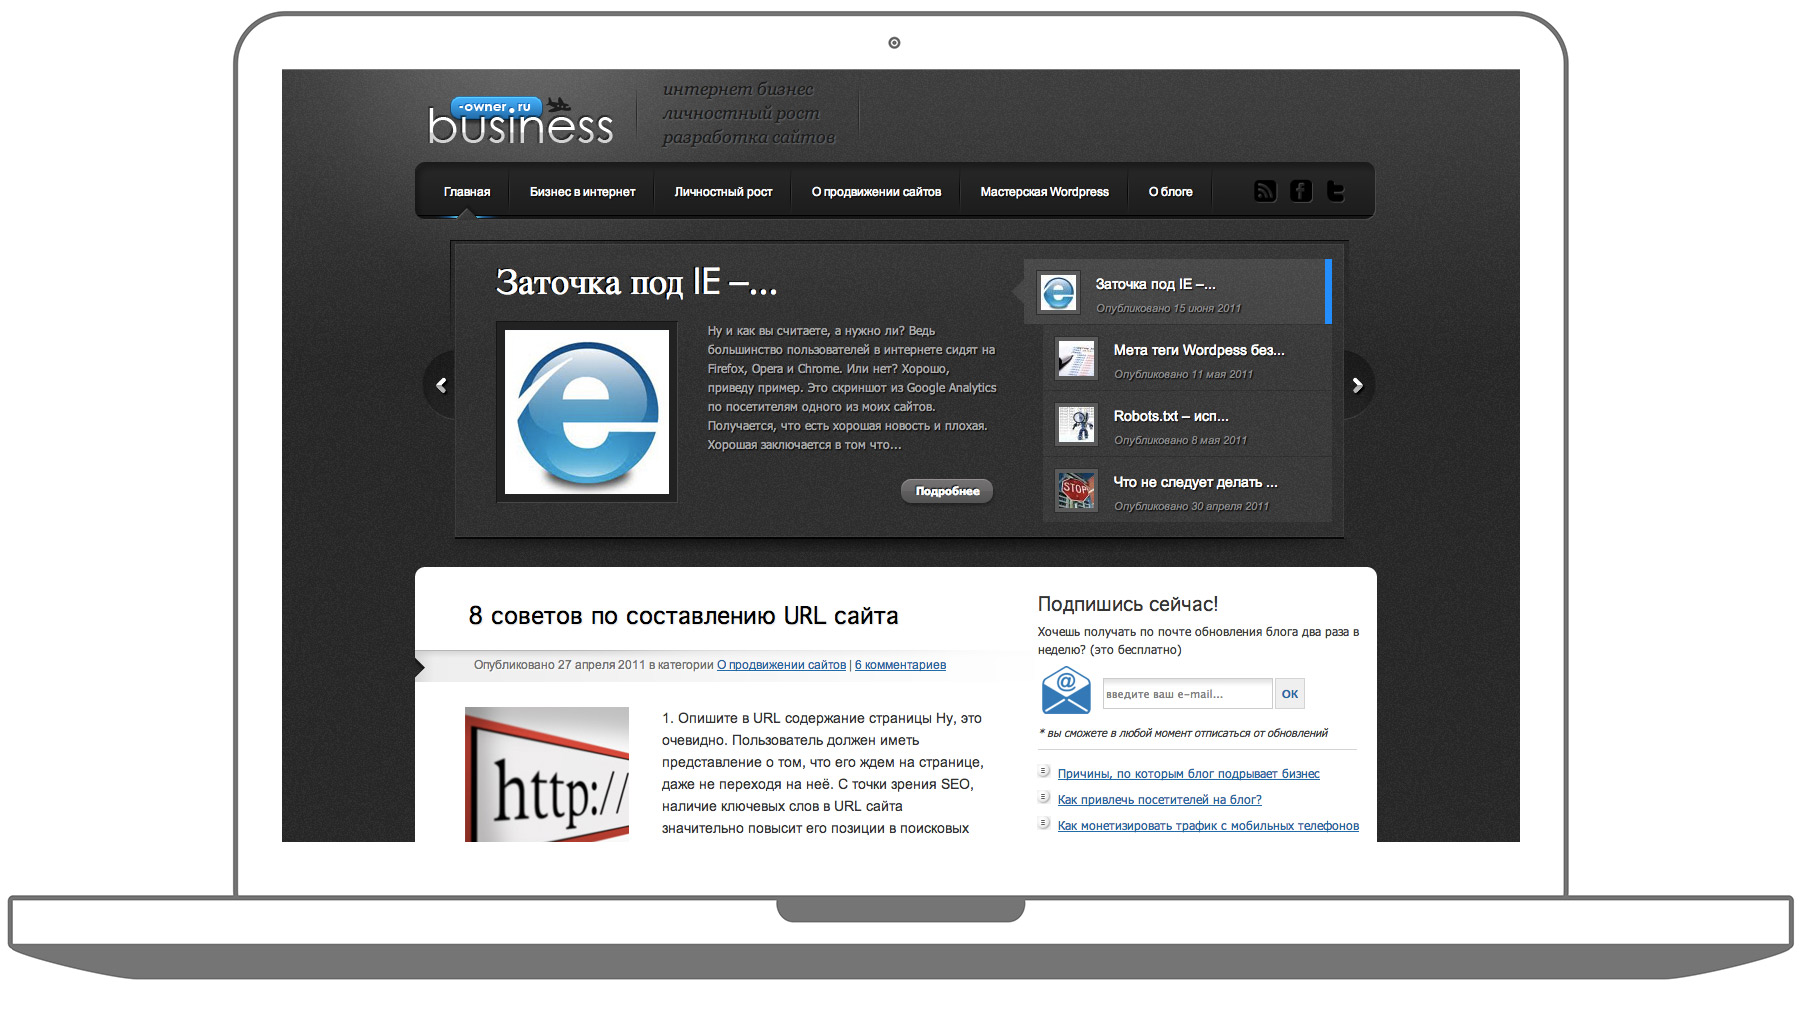 Главная страница сайта business-owner.ru